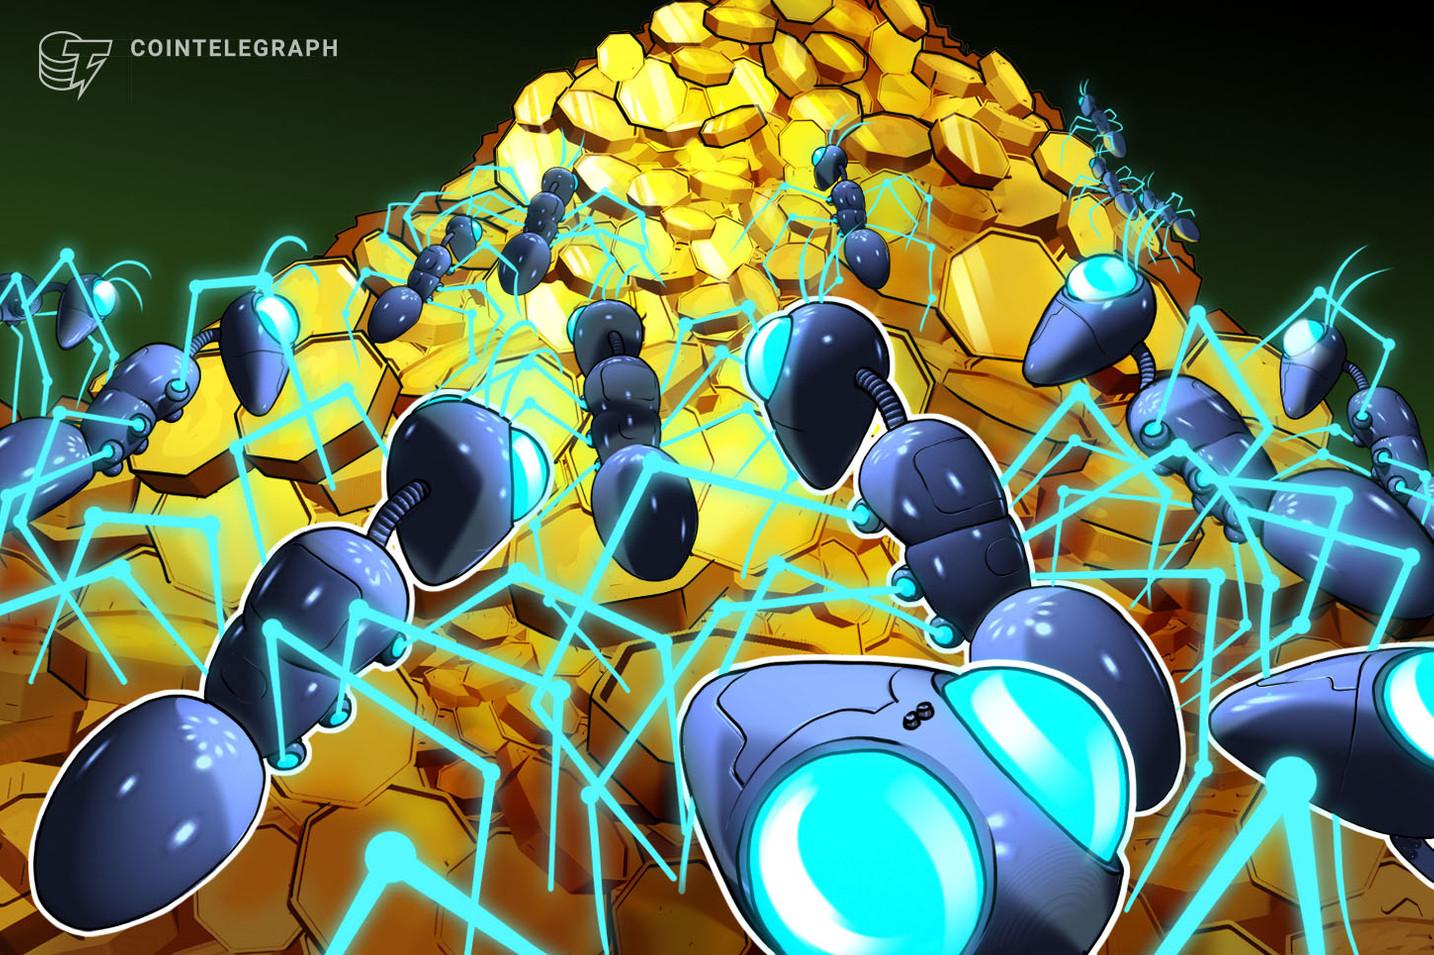 仮想通貨レンディングのブロックファイ、2月の利息支払は3500万ドル以上に